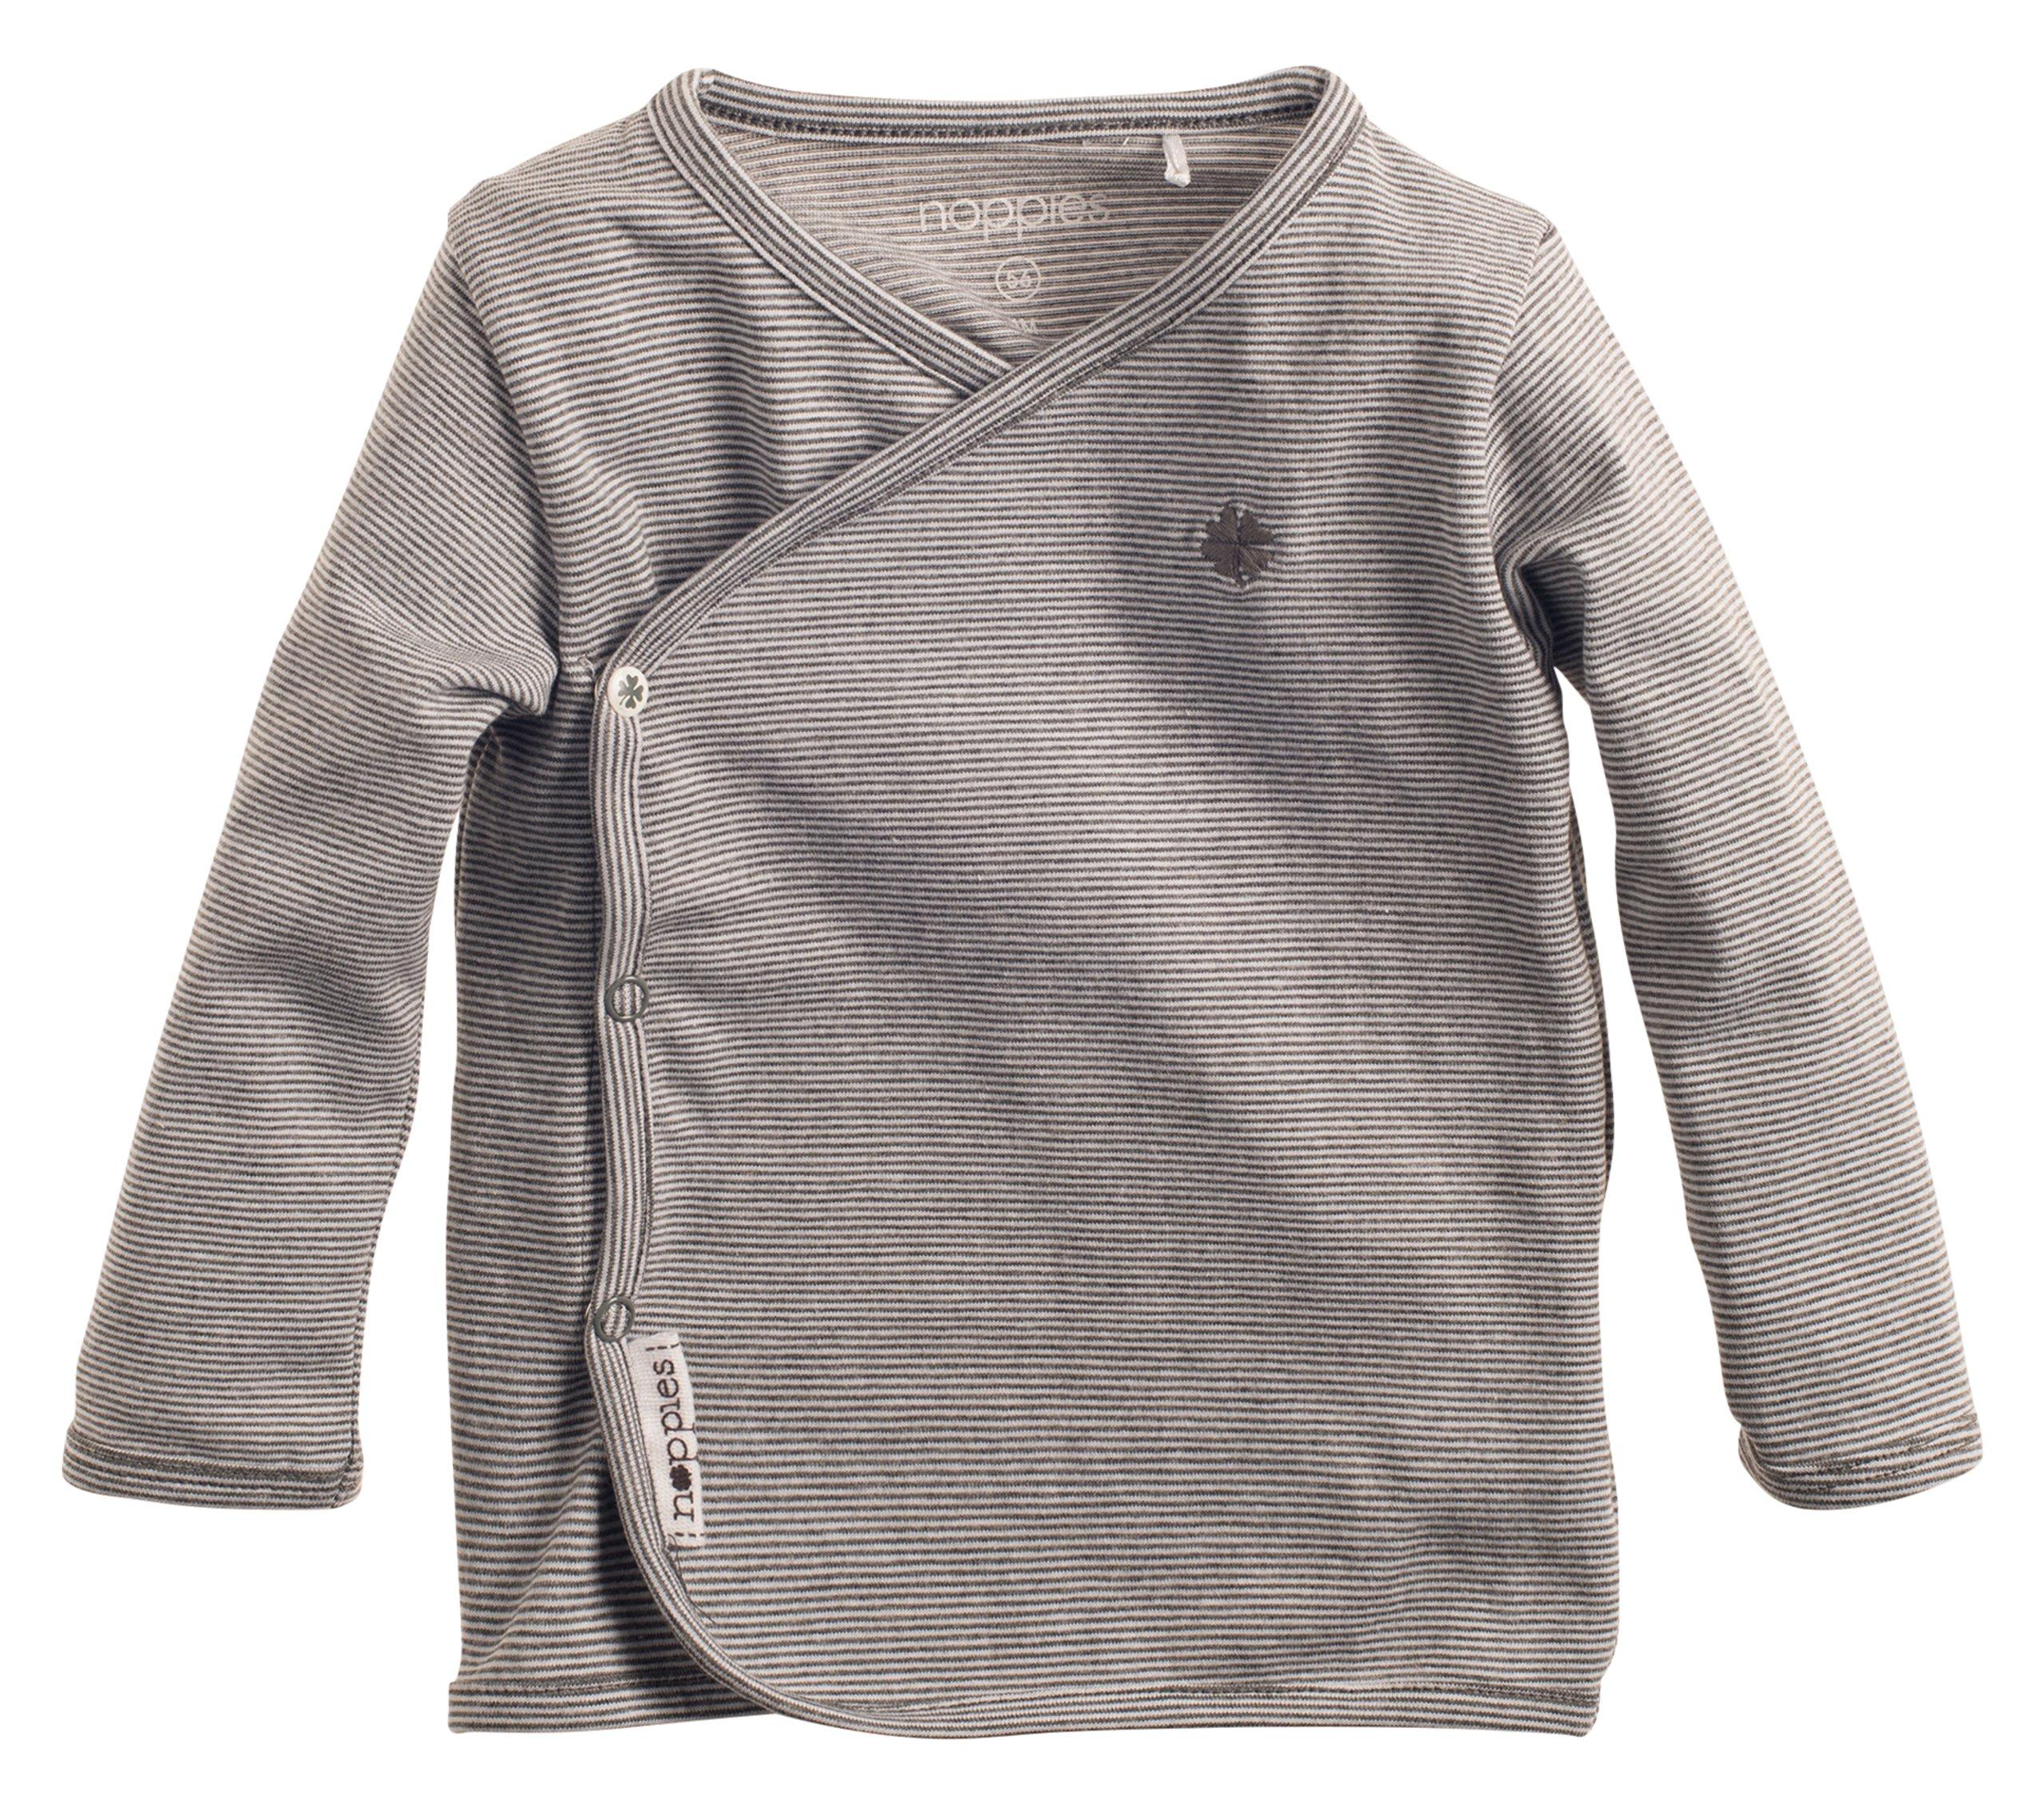 6b4092fdb0 Noppies Baby - Jungen T-Shirt B Tee Ls Smal Yd, Gestreift, Gr. 50 ...